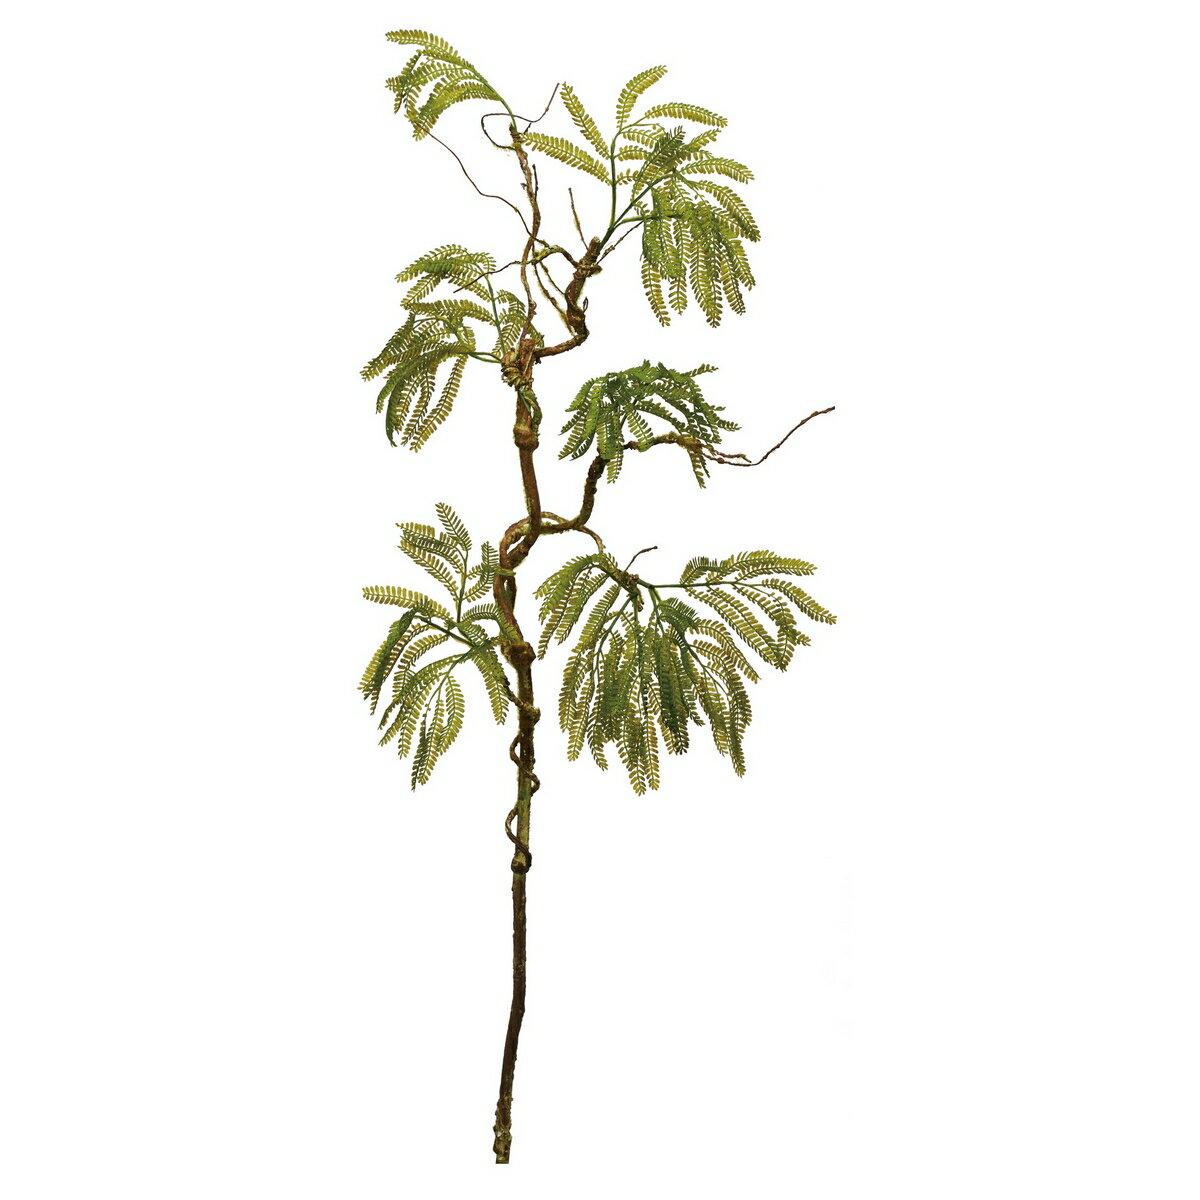 【造花】YDM/フレキシブルシダスプレー グリーン/FG4762-GR【01】【取寄】《 造花(アーティフィシャルフラワー) 造花 花材「あ行」 アリウム 》